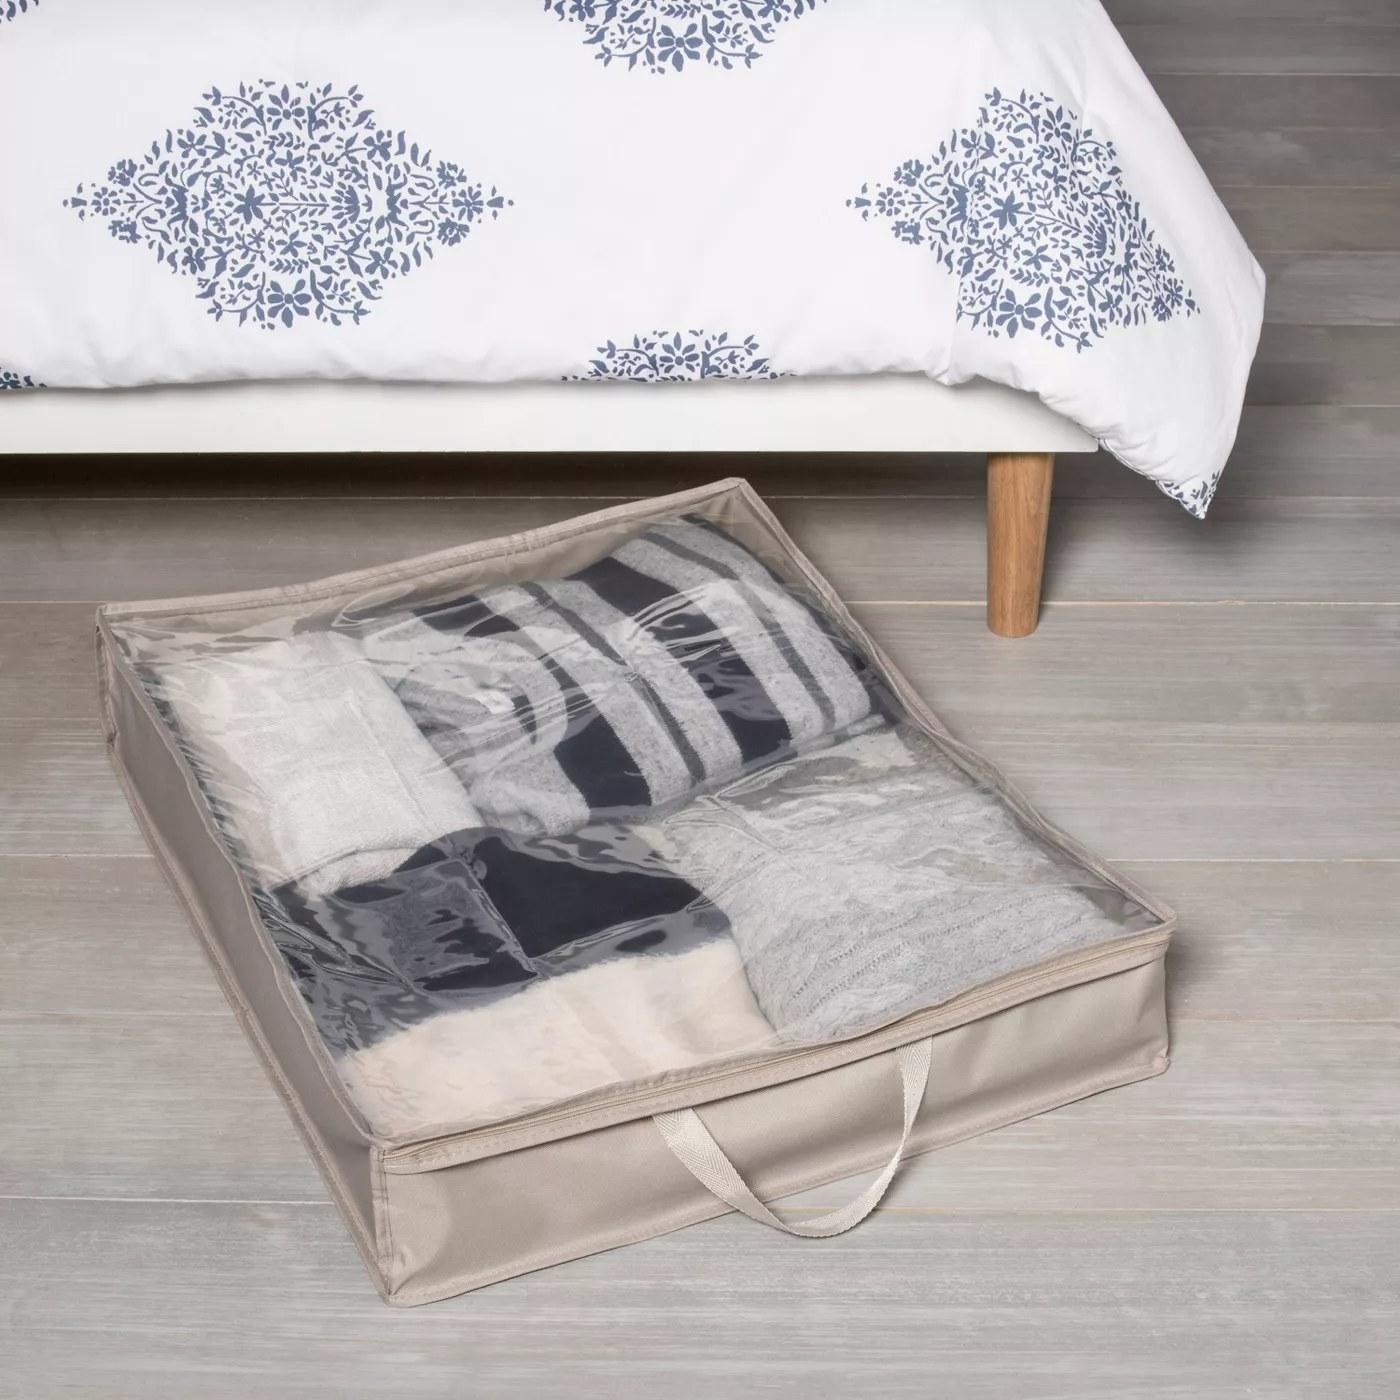 An under-bed-storage bag